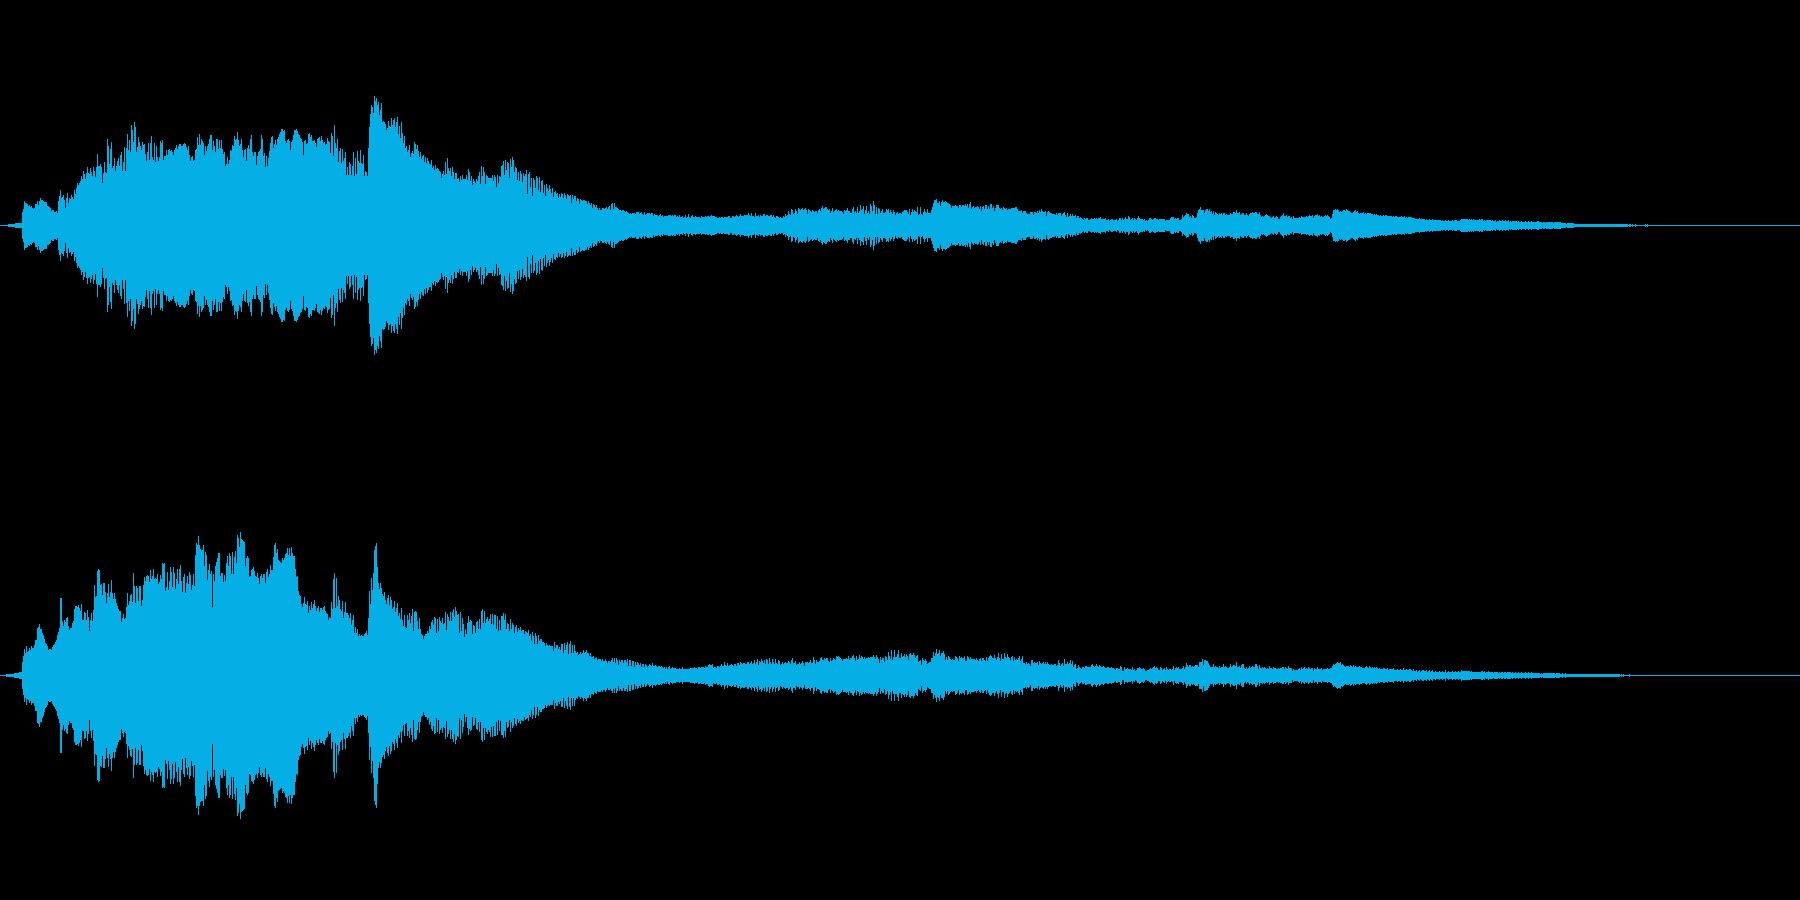 ゼンマイがテーマの綺麗な音の再生済みの波形